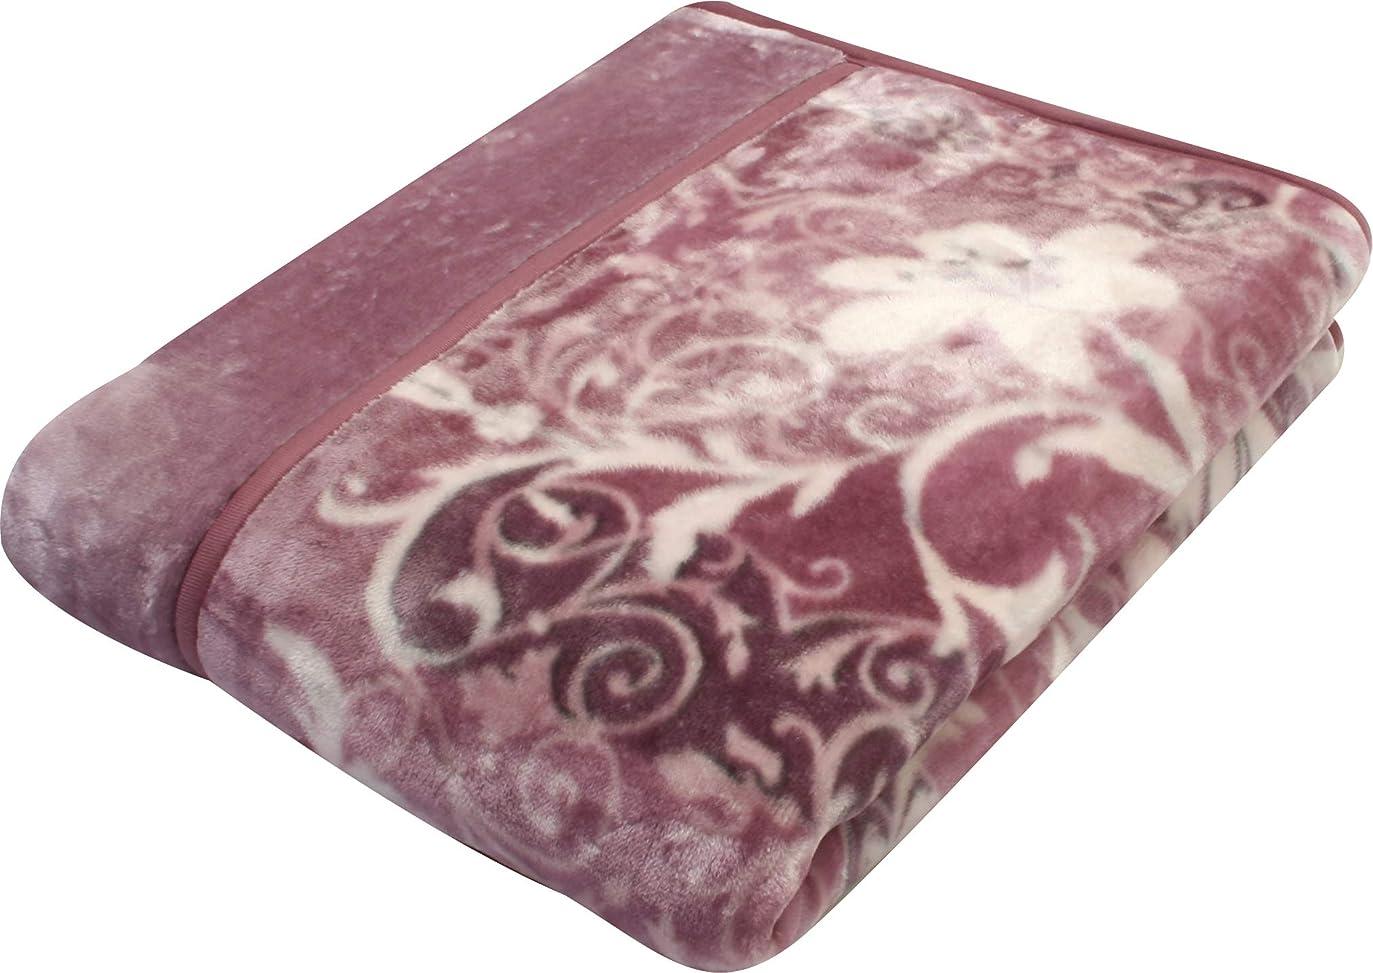 八歩行者ジャグリング西川(Nishikawa) 毛布 ピンク シングル 2枚合わせ 洗える 程よい厚み 衿付き トリコットヘム仕様 2CH5803